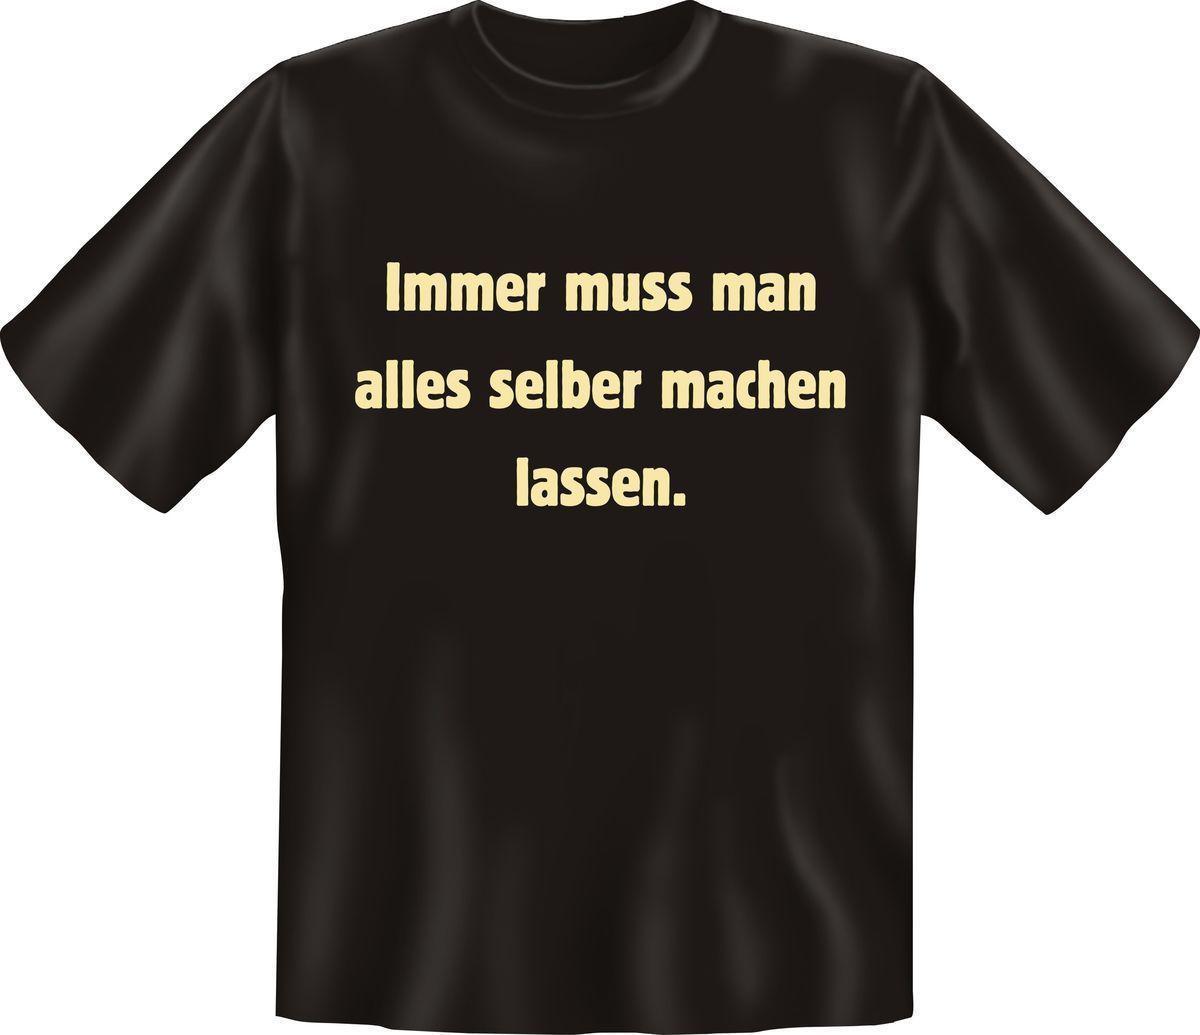 new style e7e63 eaab4 T-Shirt - Immer muss man alles selber machen lassen Fun Shirt Geschenk  bedruckt